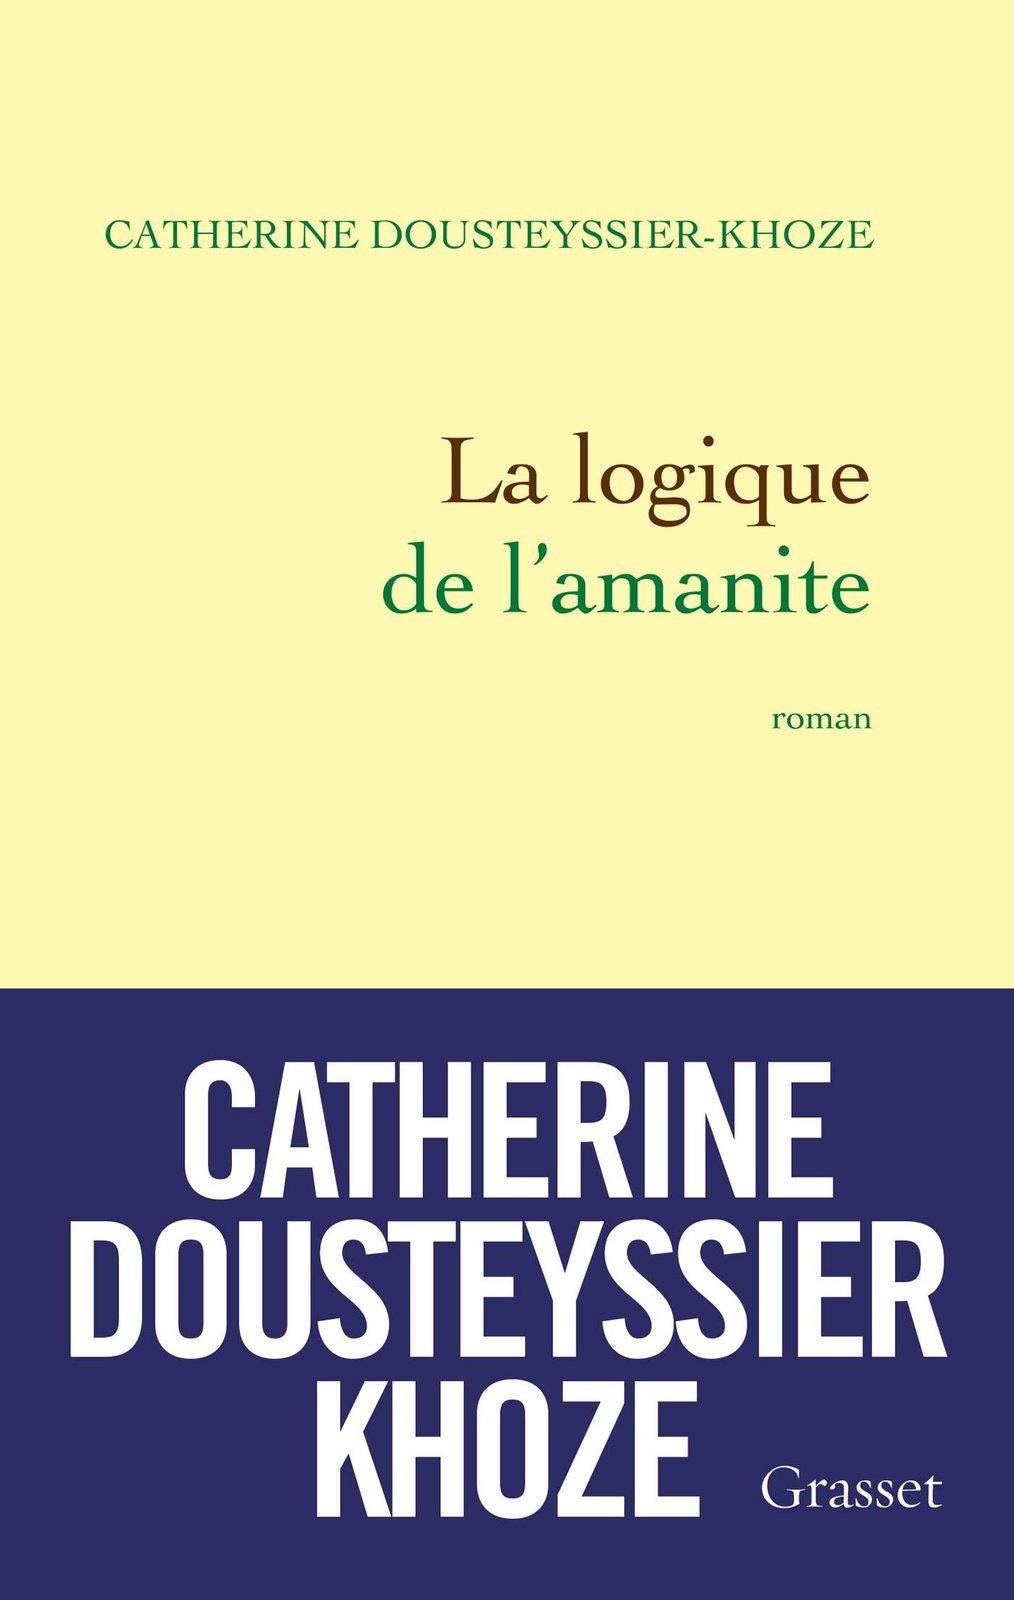 """""""La logique de l'amanite"""", mon choix pour la rentrée littéraire"""